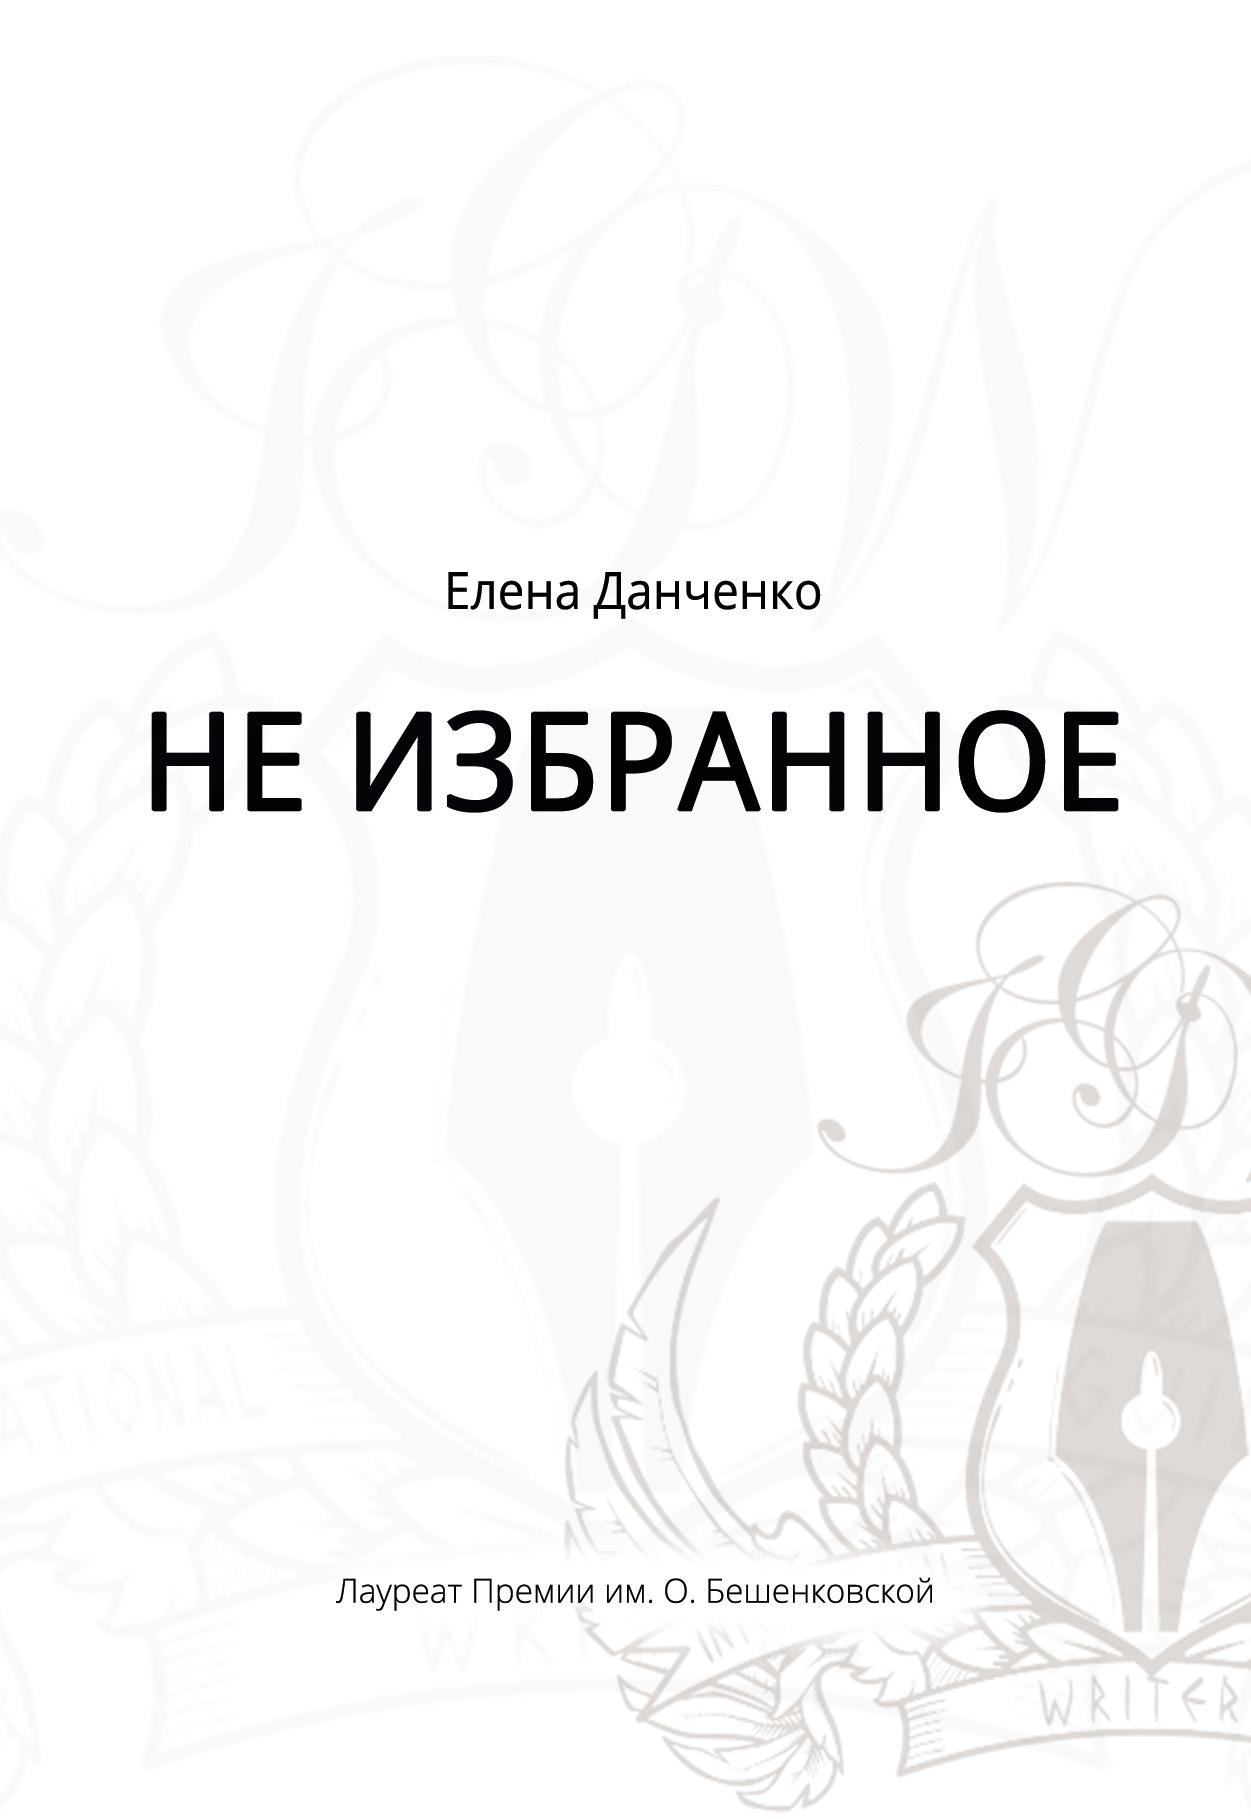 Елена Данченко Не избранное (сборник) жалобная книга